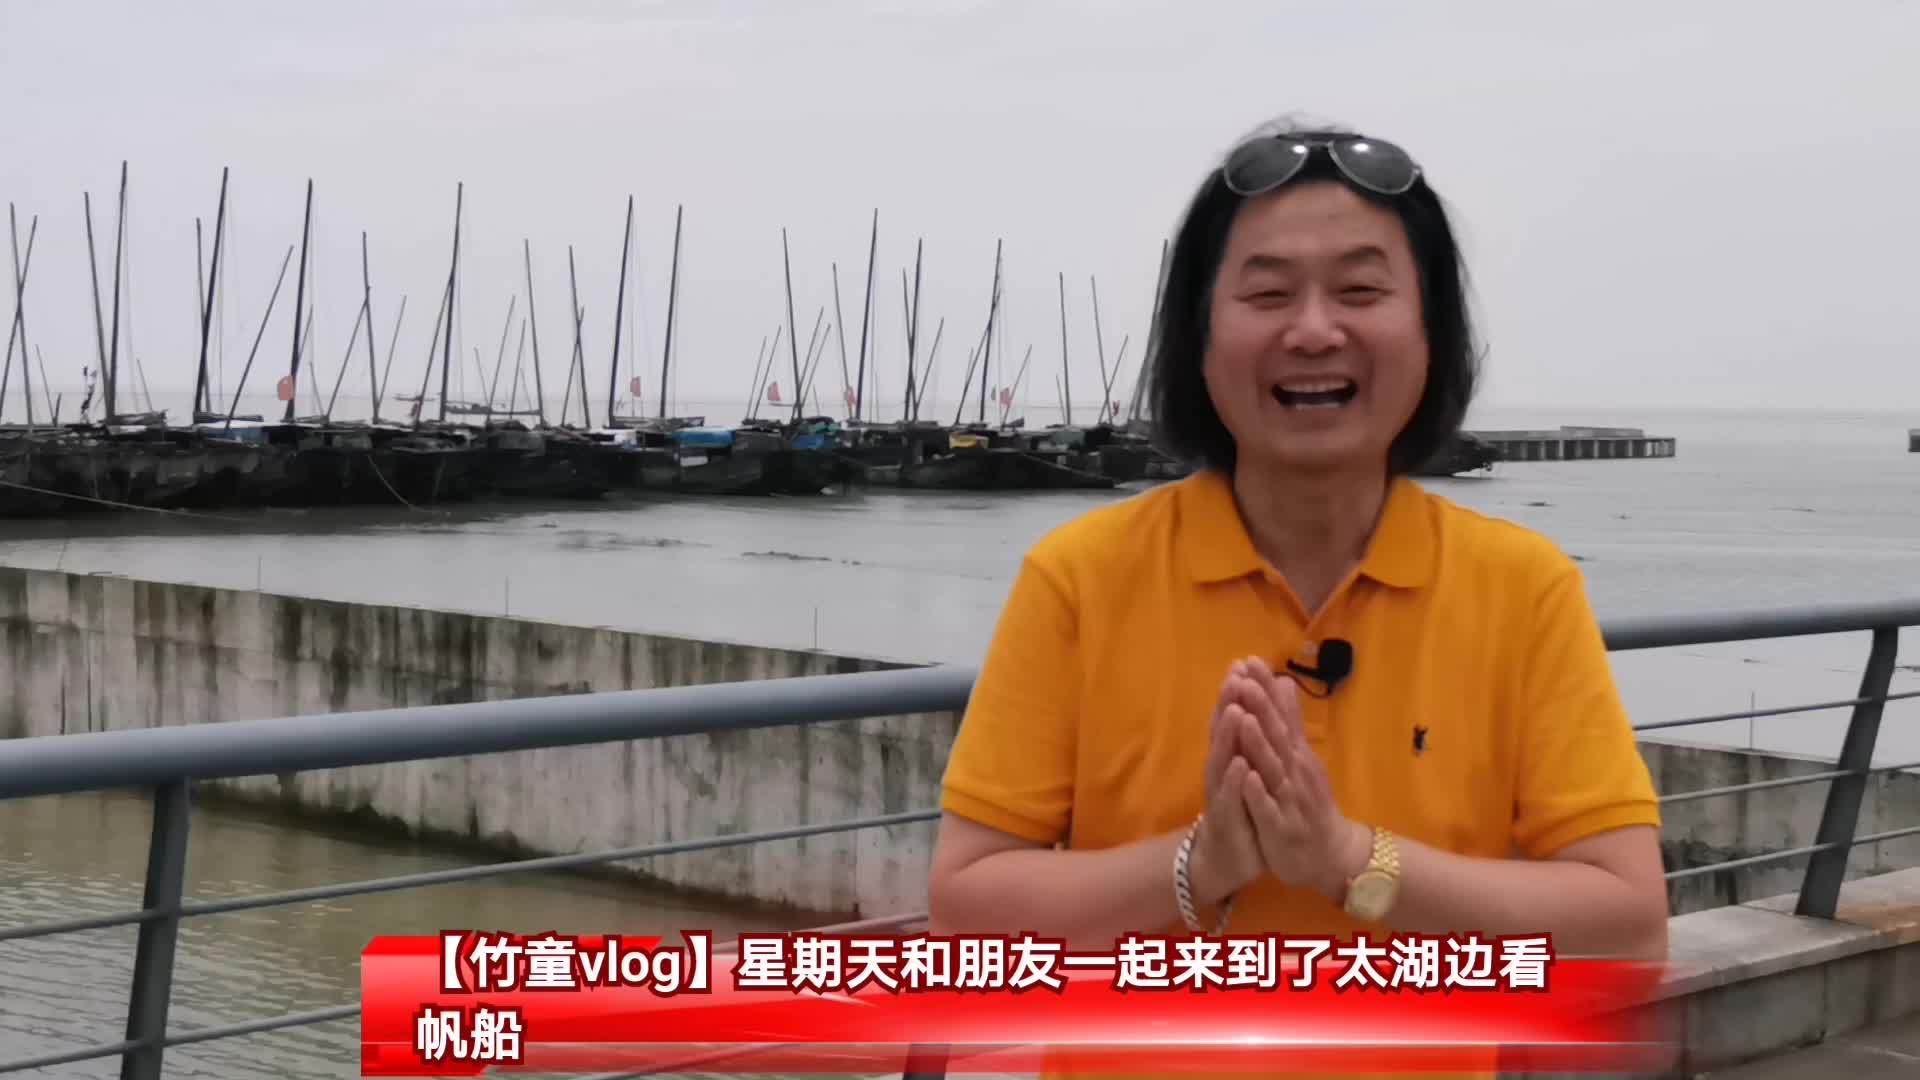 【竹童vlog】星期天和朋友一起去太湖边看帆船